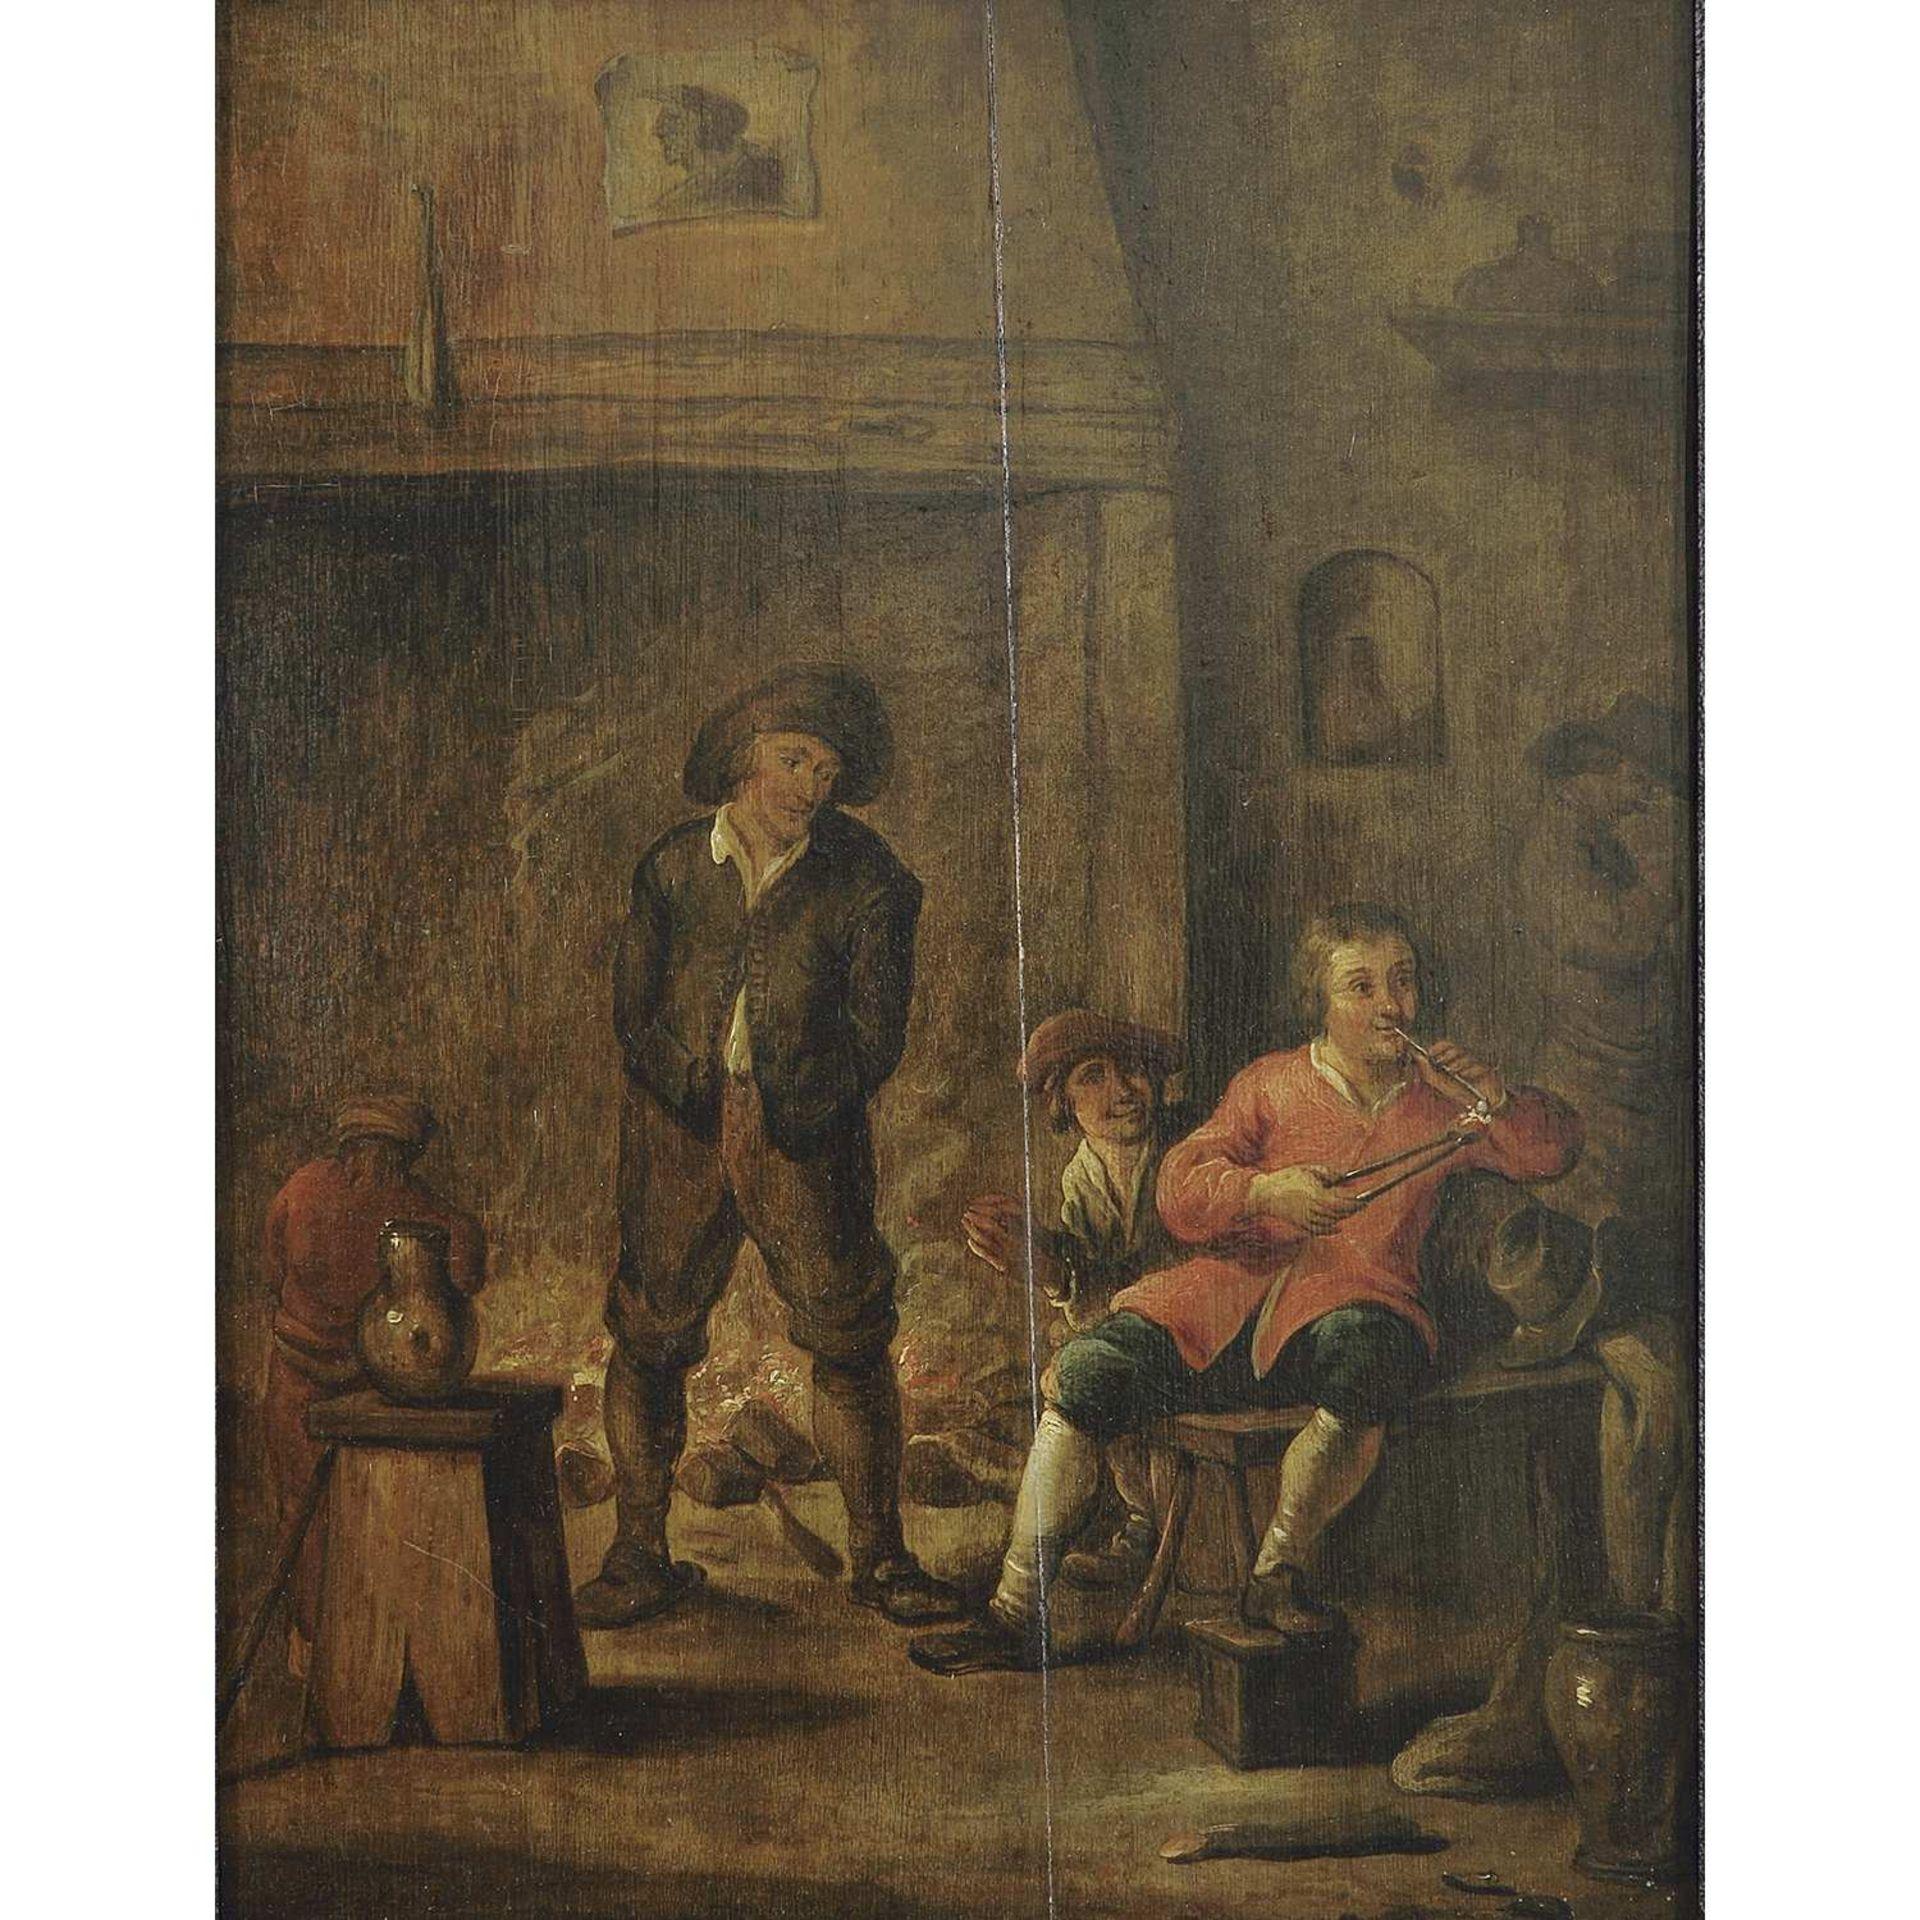 Los 58 - ÉCOLE FLAMANDE VERS 1820, SUIVEUR D'ADRIAEN BROUWER SCèNE DE TABAGIE Panneau de chêne avec deux